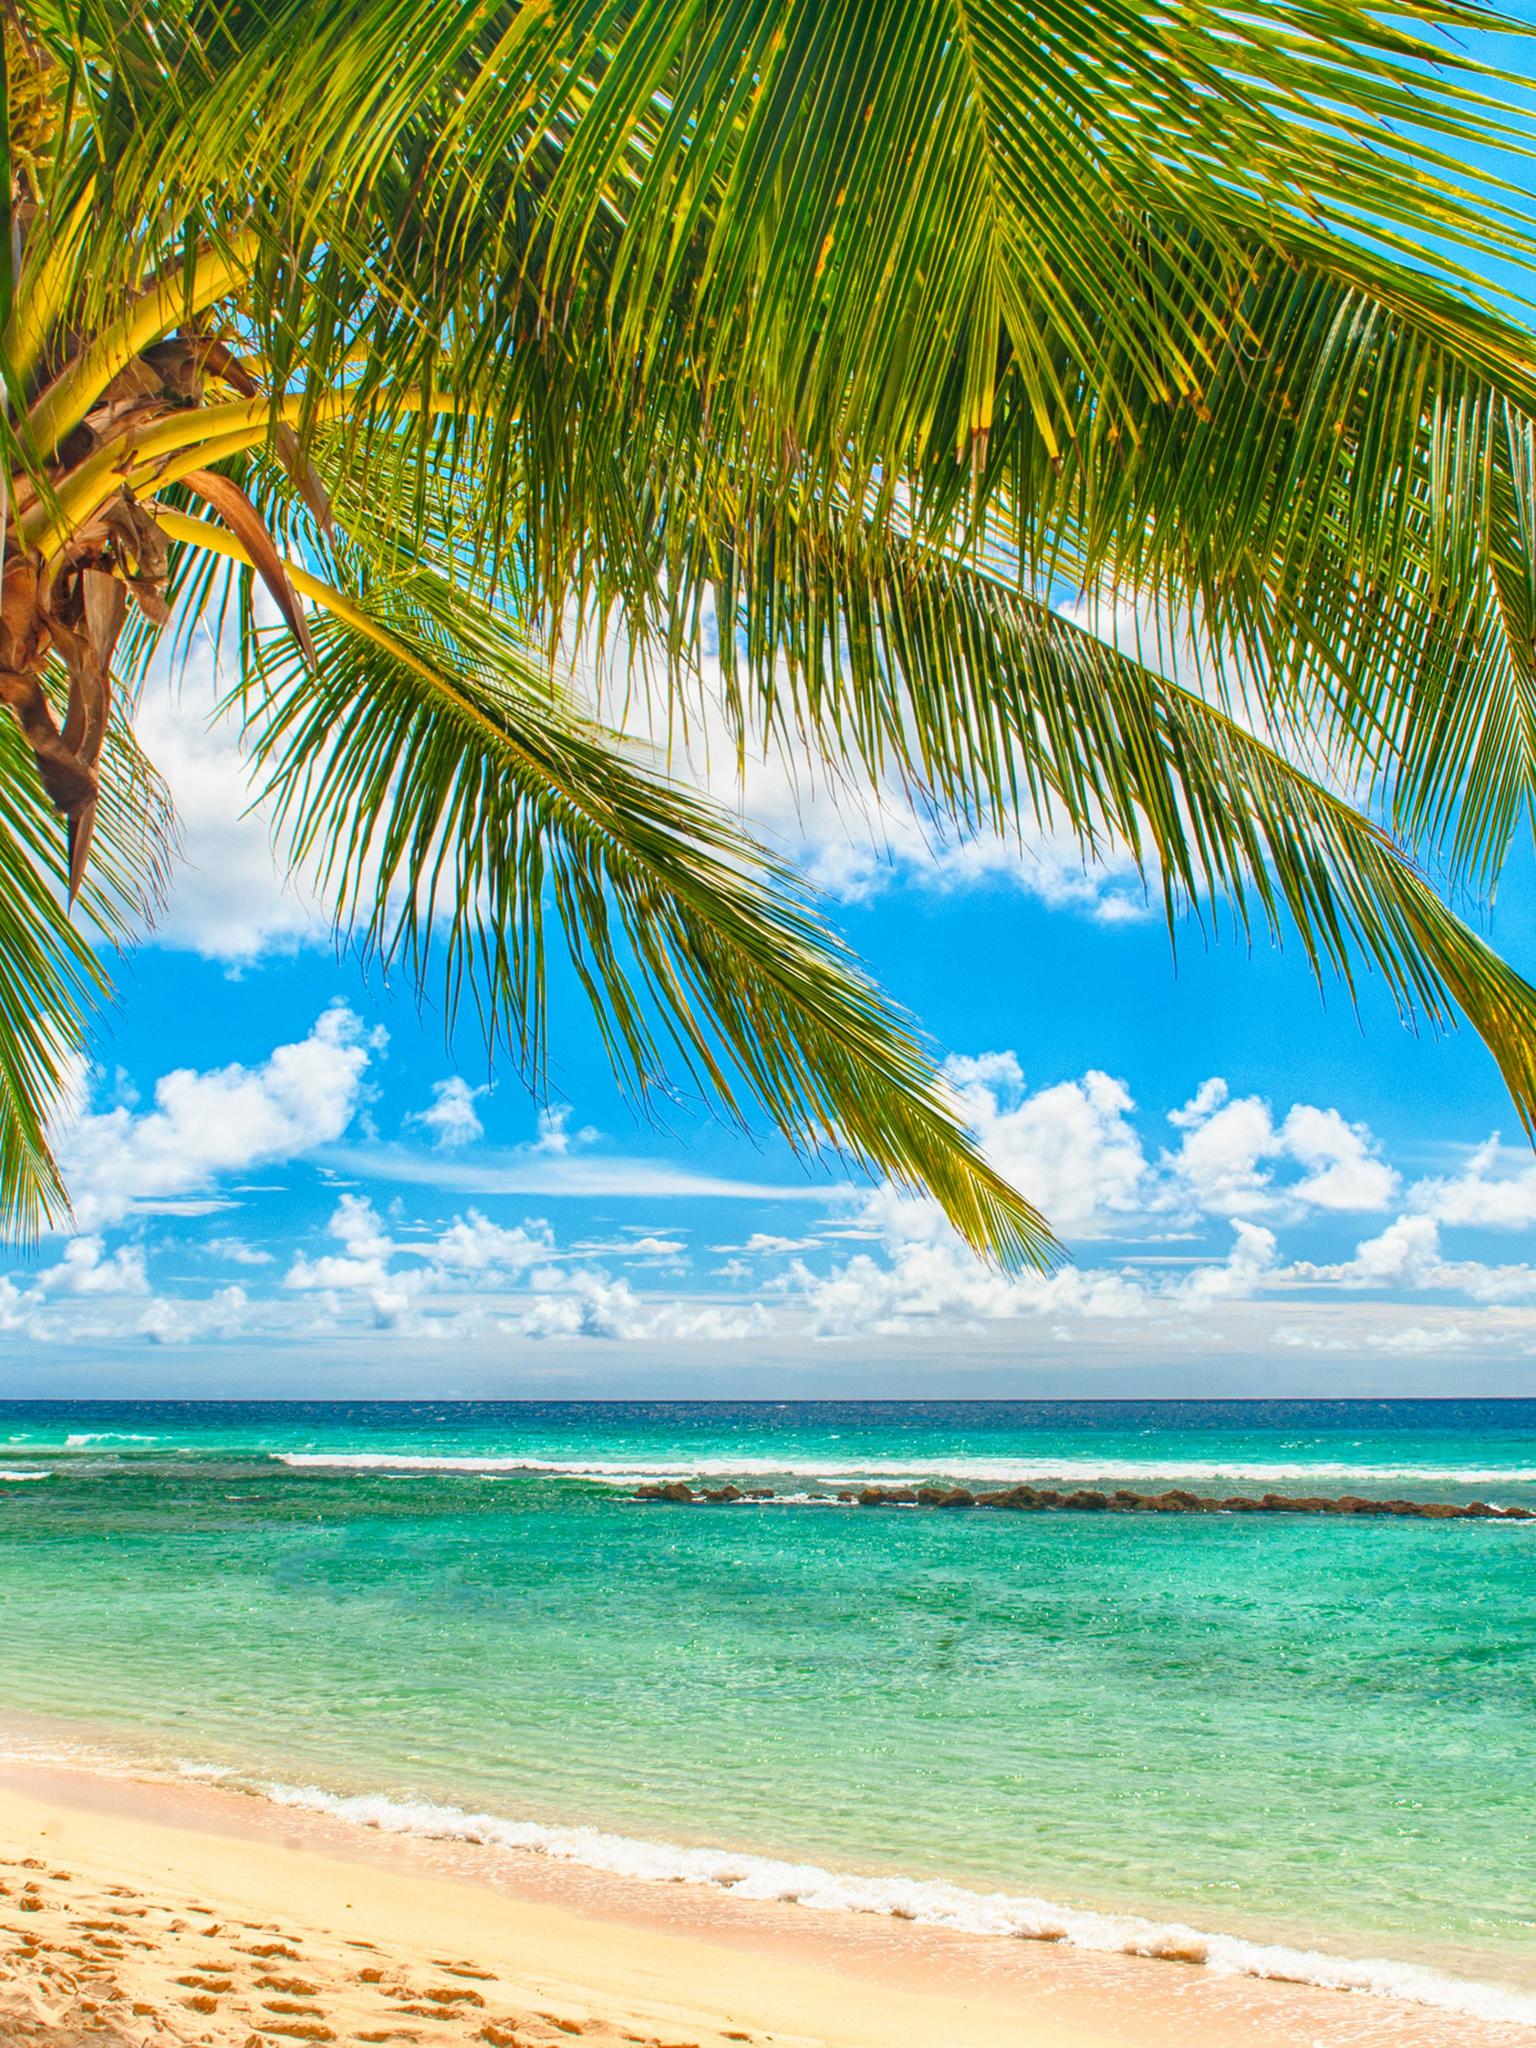 Море лето фото для экрана телефона